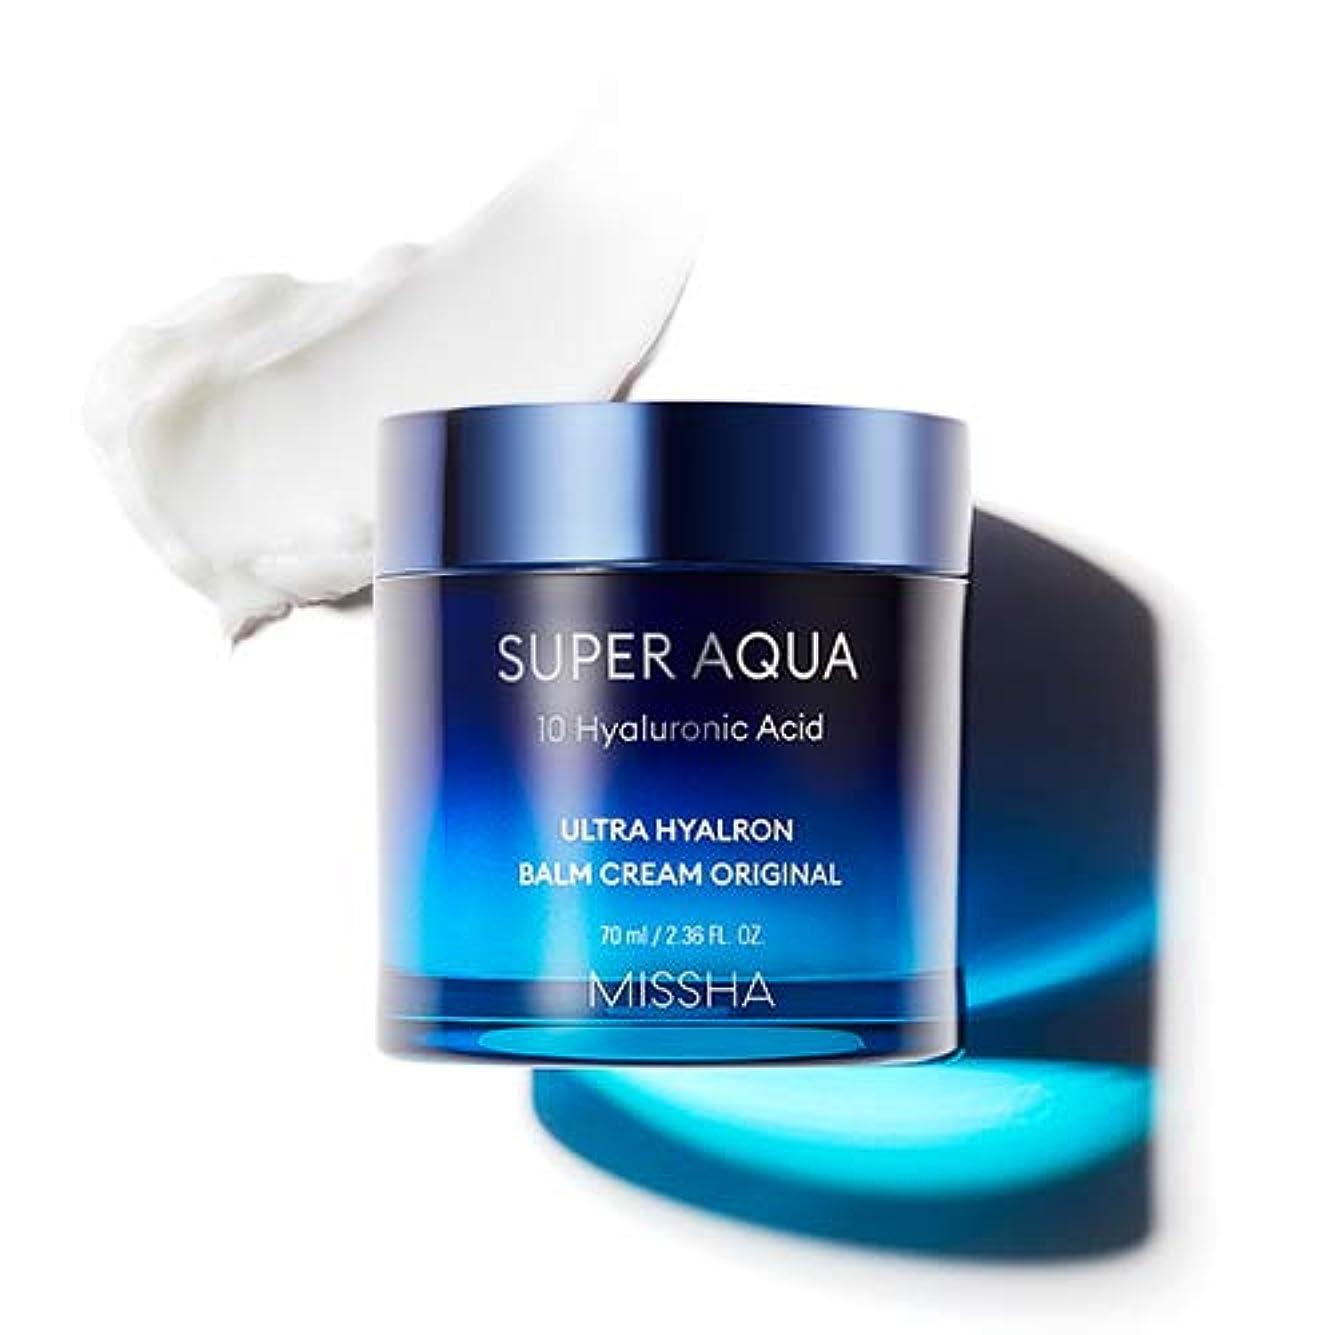 パブ商人導入するMISSHA Super Aqua Ultra Hyalron Balm Cream Original ミシャ スーパーアクア ウルトラ ヒアルロン バーム クリーム オリジナル 70ml [並行輸入品]